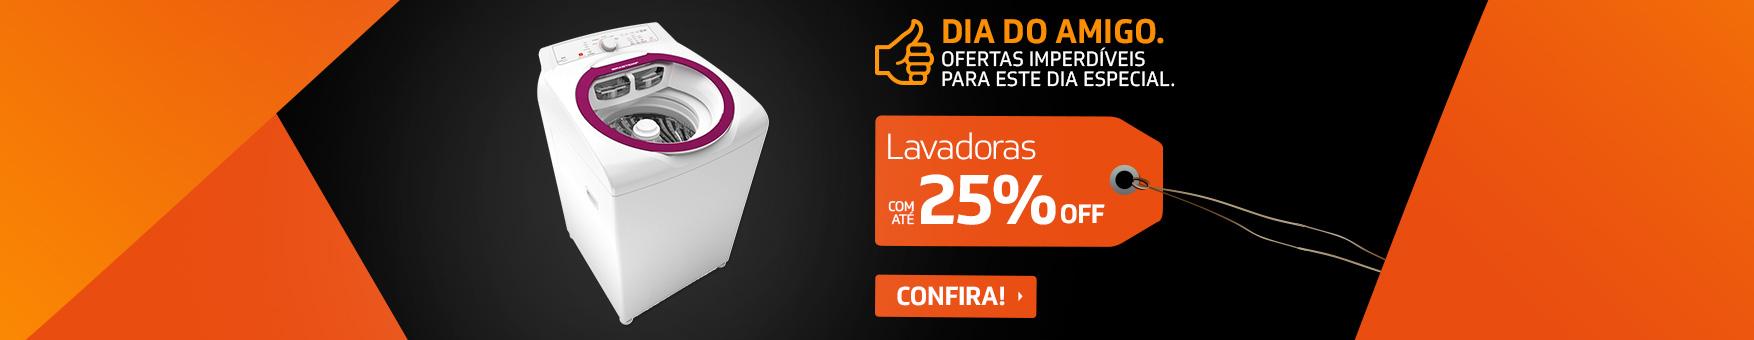 PROGRAMADO 17 A 21/04 - AMIGO LAVADORAS 25%OFF